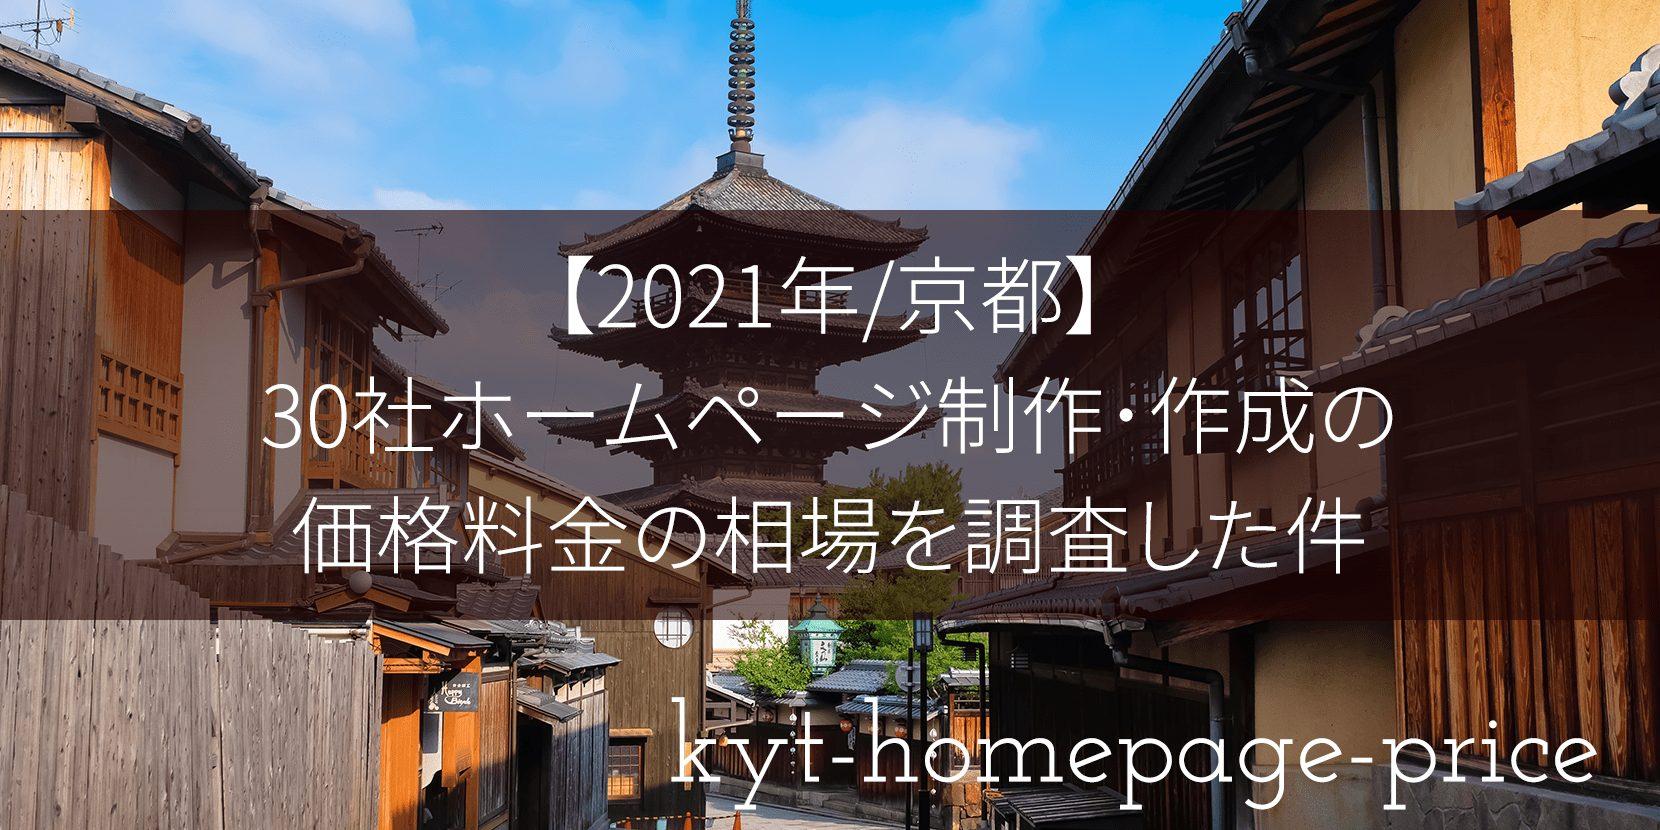 【2021年/京都編】30社のホームページ制作・作成の価格料金の相場を調査した件